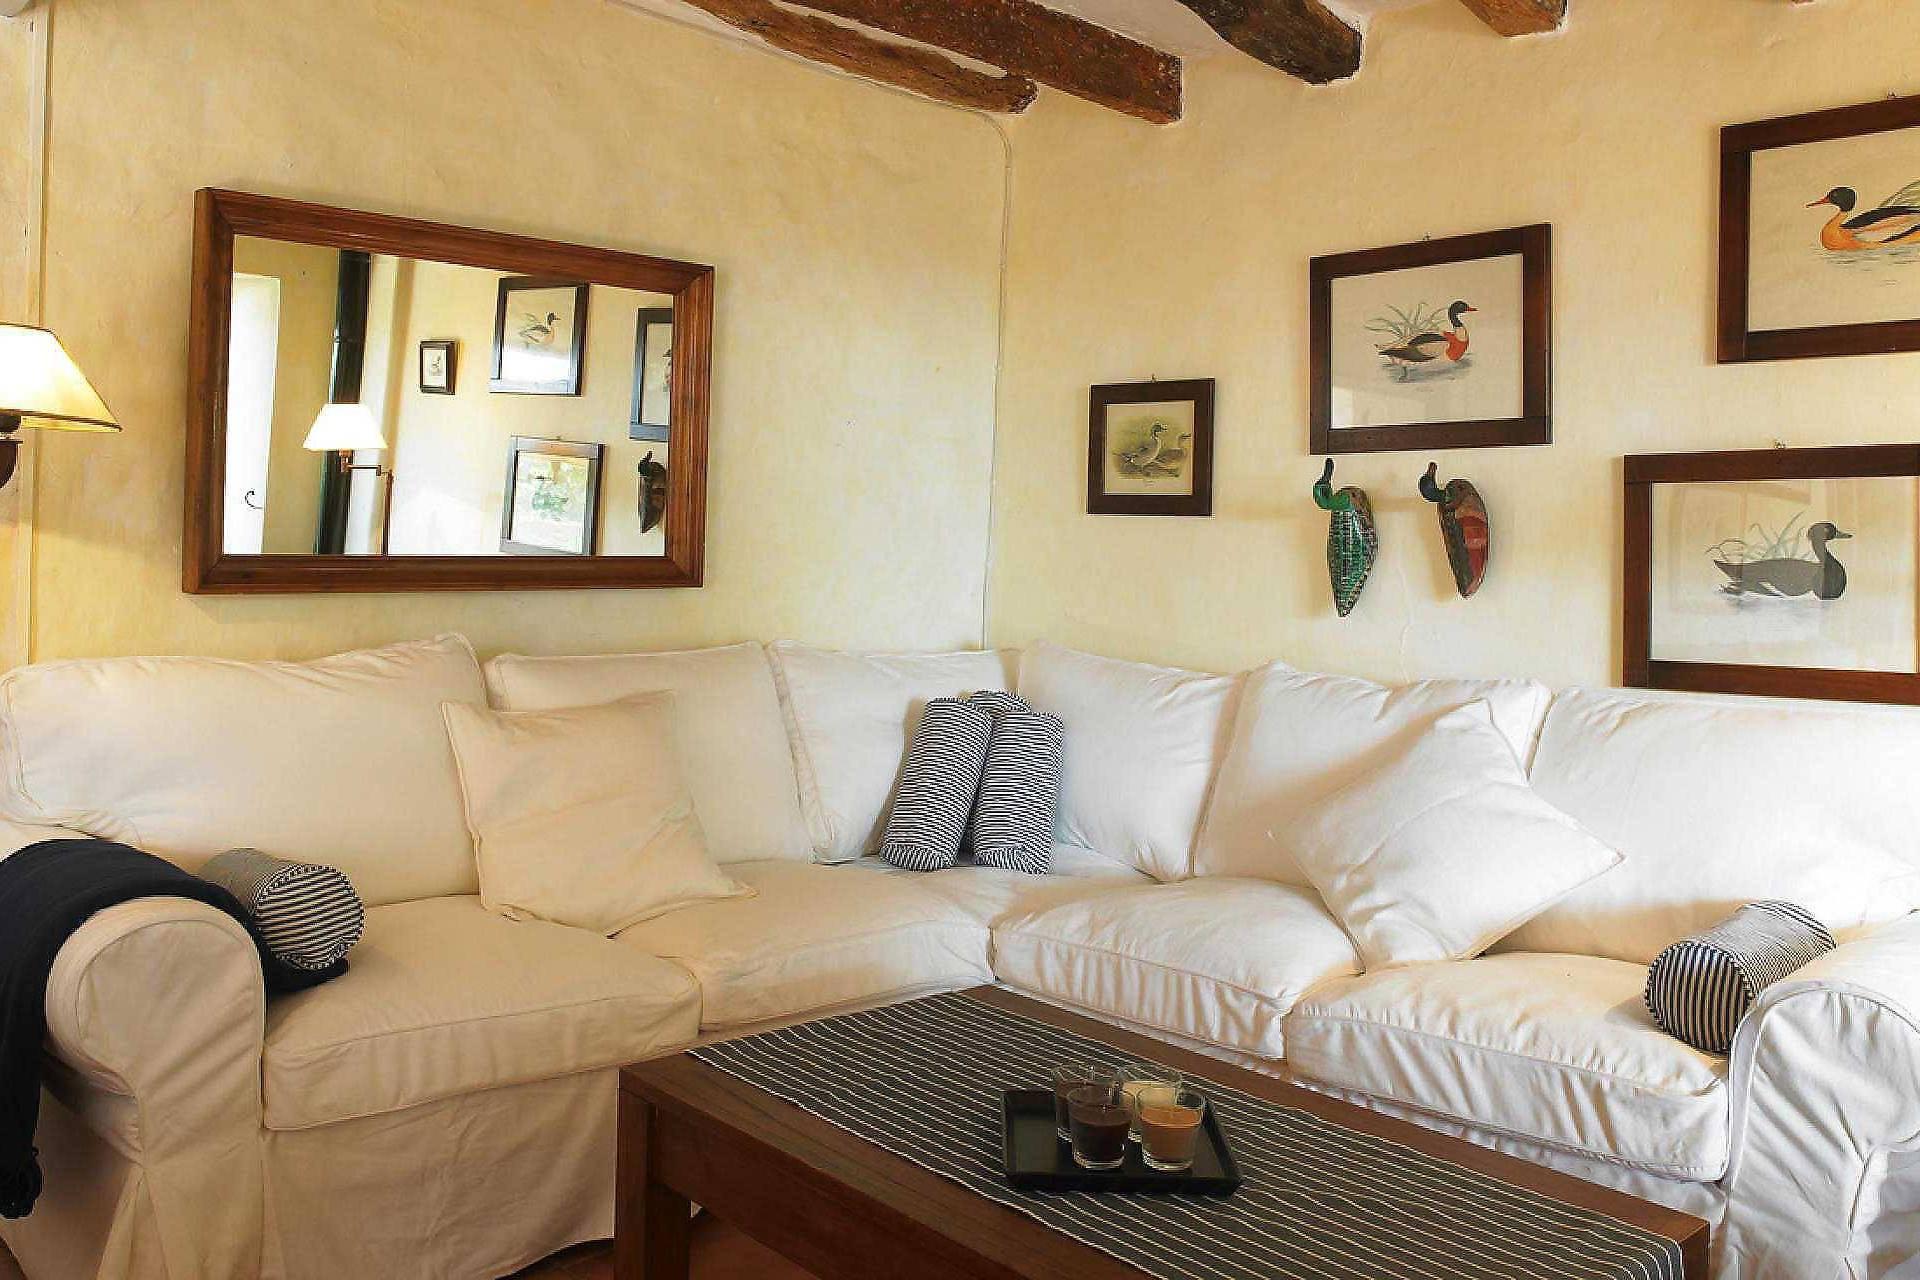 ... 01 17 Stilvolle Finca Mallorca Osten Bild 11 ...